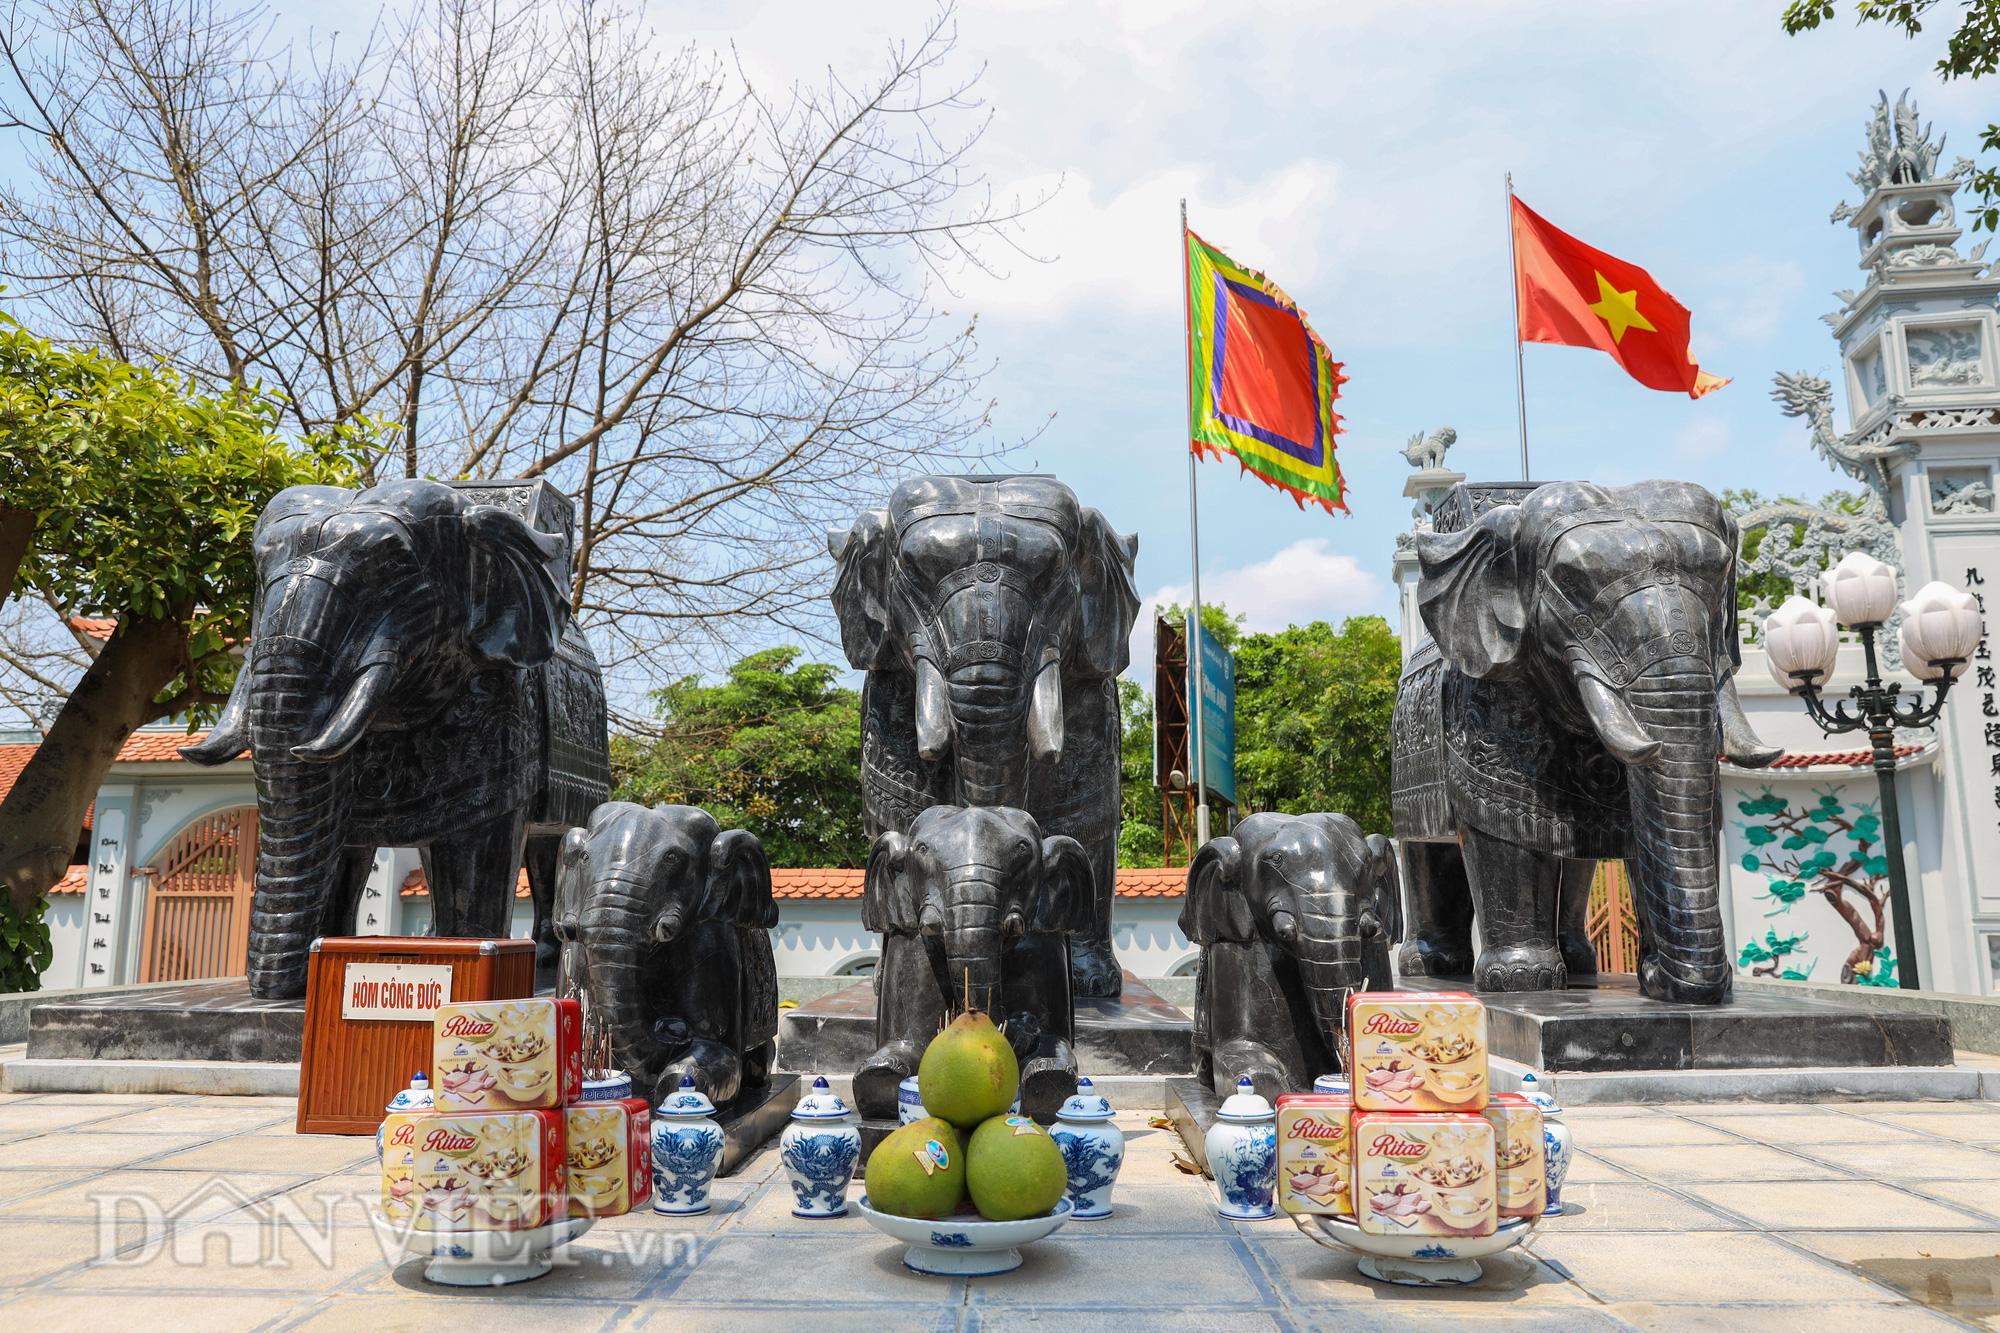 Đền Ba Voi ở Hà Nội bị đóng cửa vì sạt lở bờ sông - Ảnh 3.